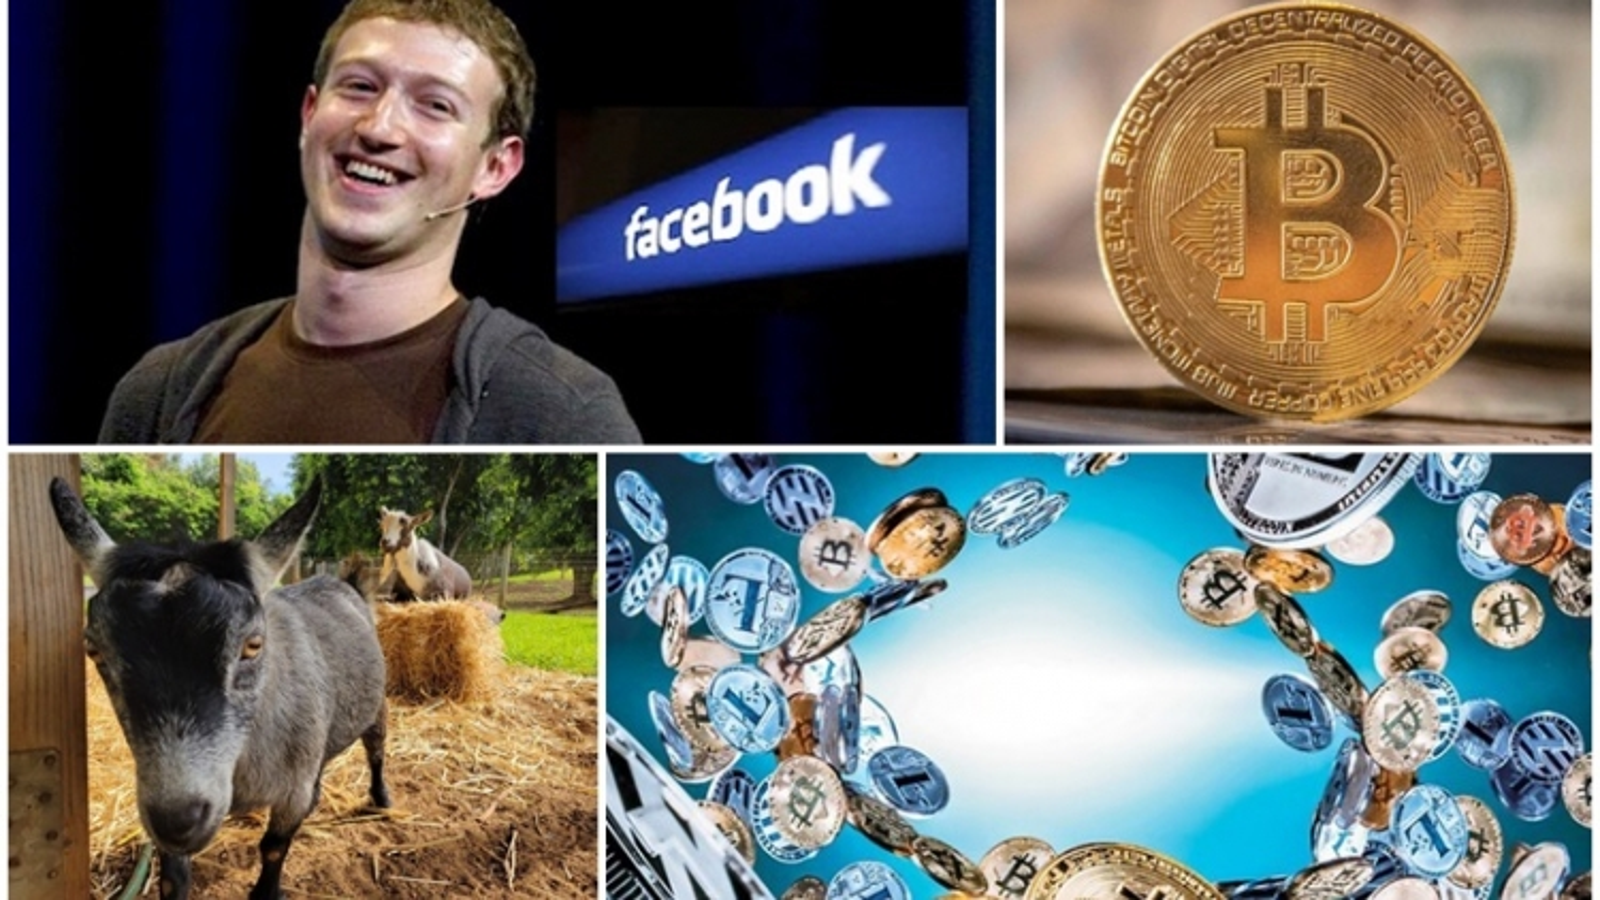 Ông chủ Facebook lần đầu đề cập đến Bitcoin trên trang cá nhân